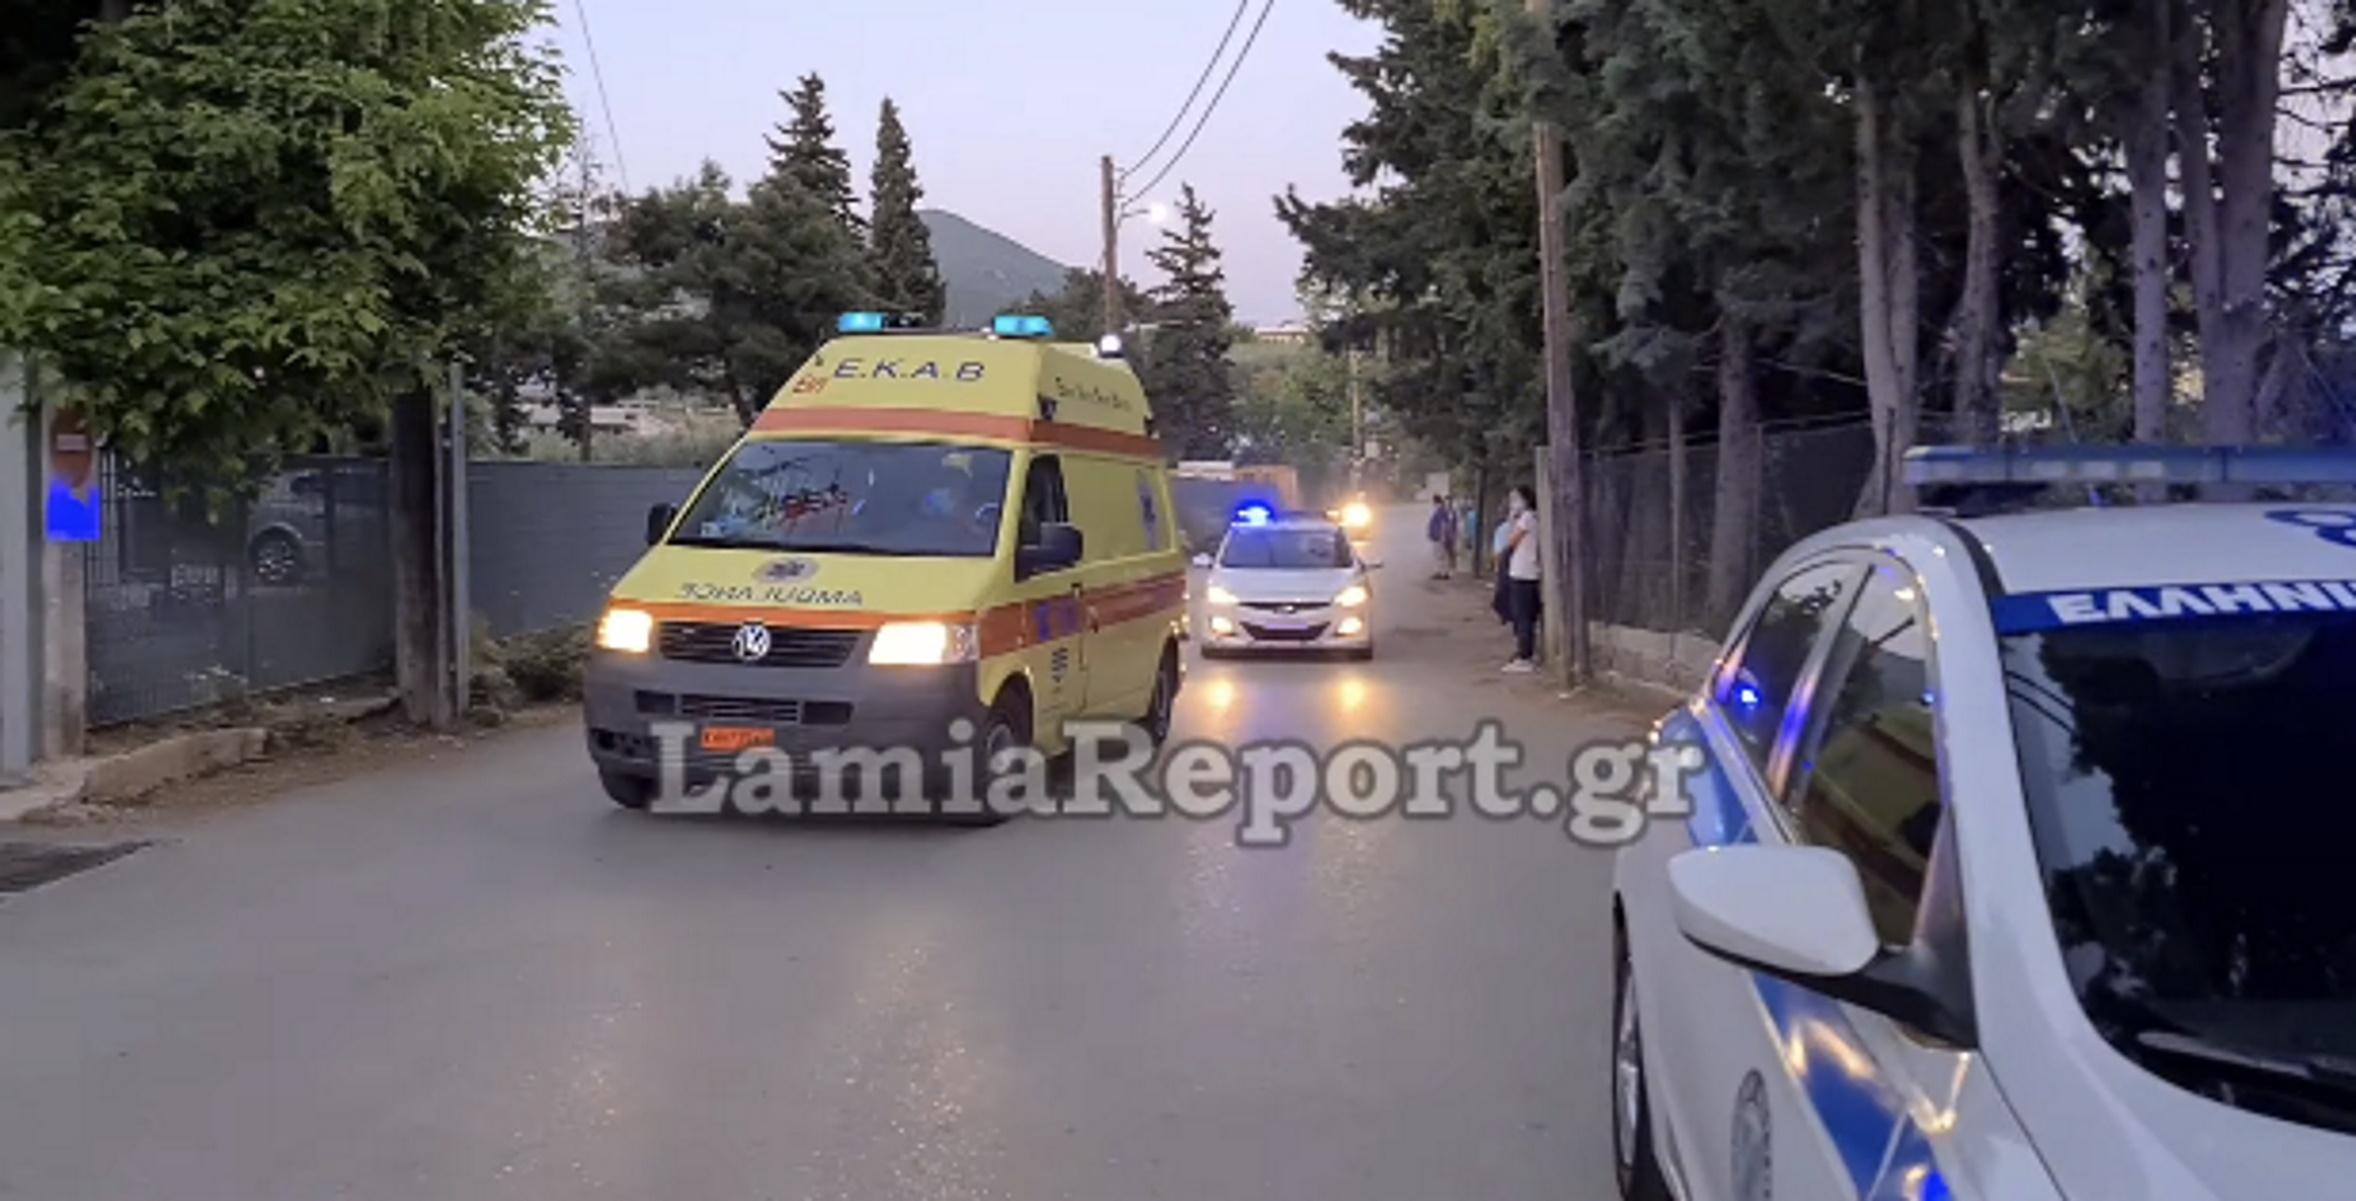 Οδύσσεια για τον 13χρονο που τραυματίστηκε σοβαρά σε τροχαίο στην Αιδηψό (video)